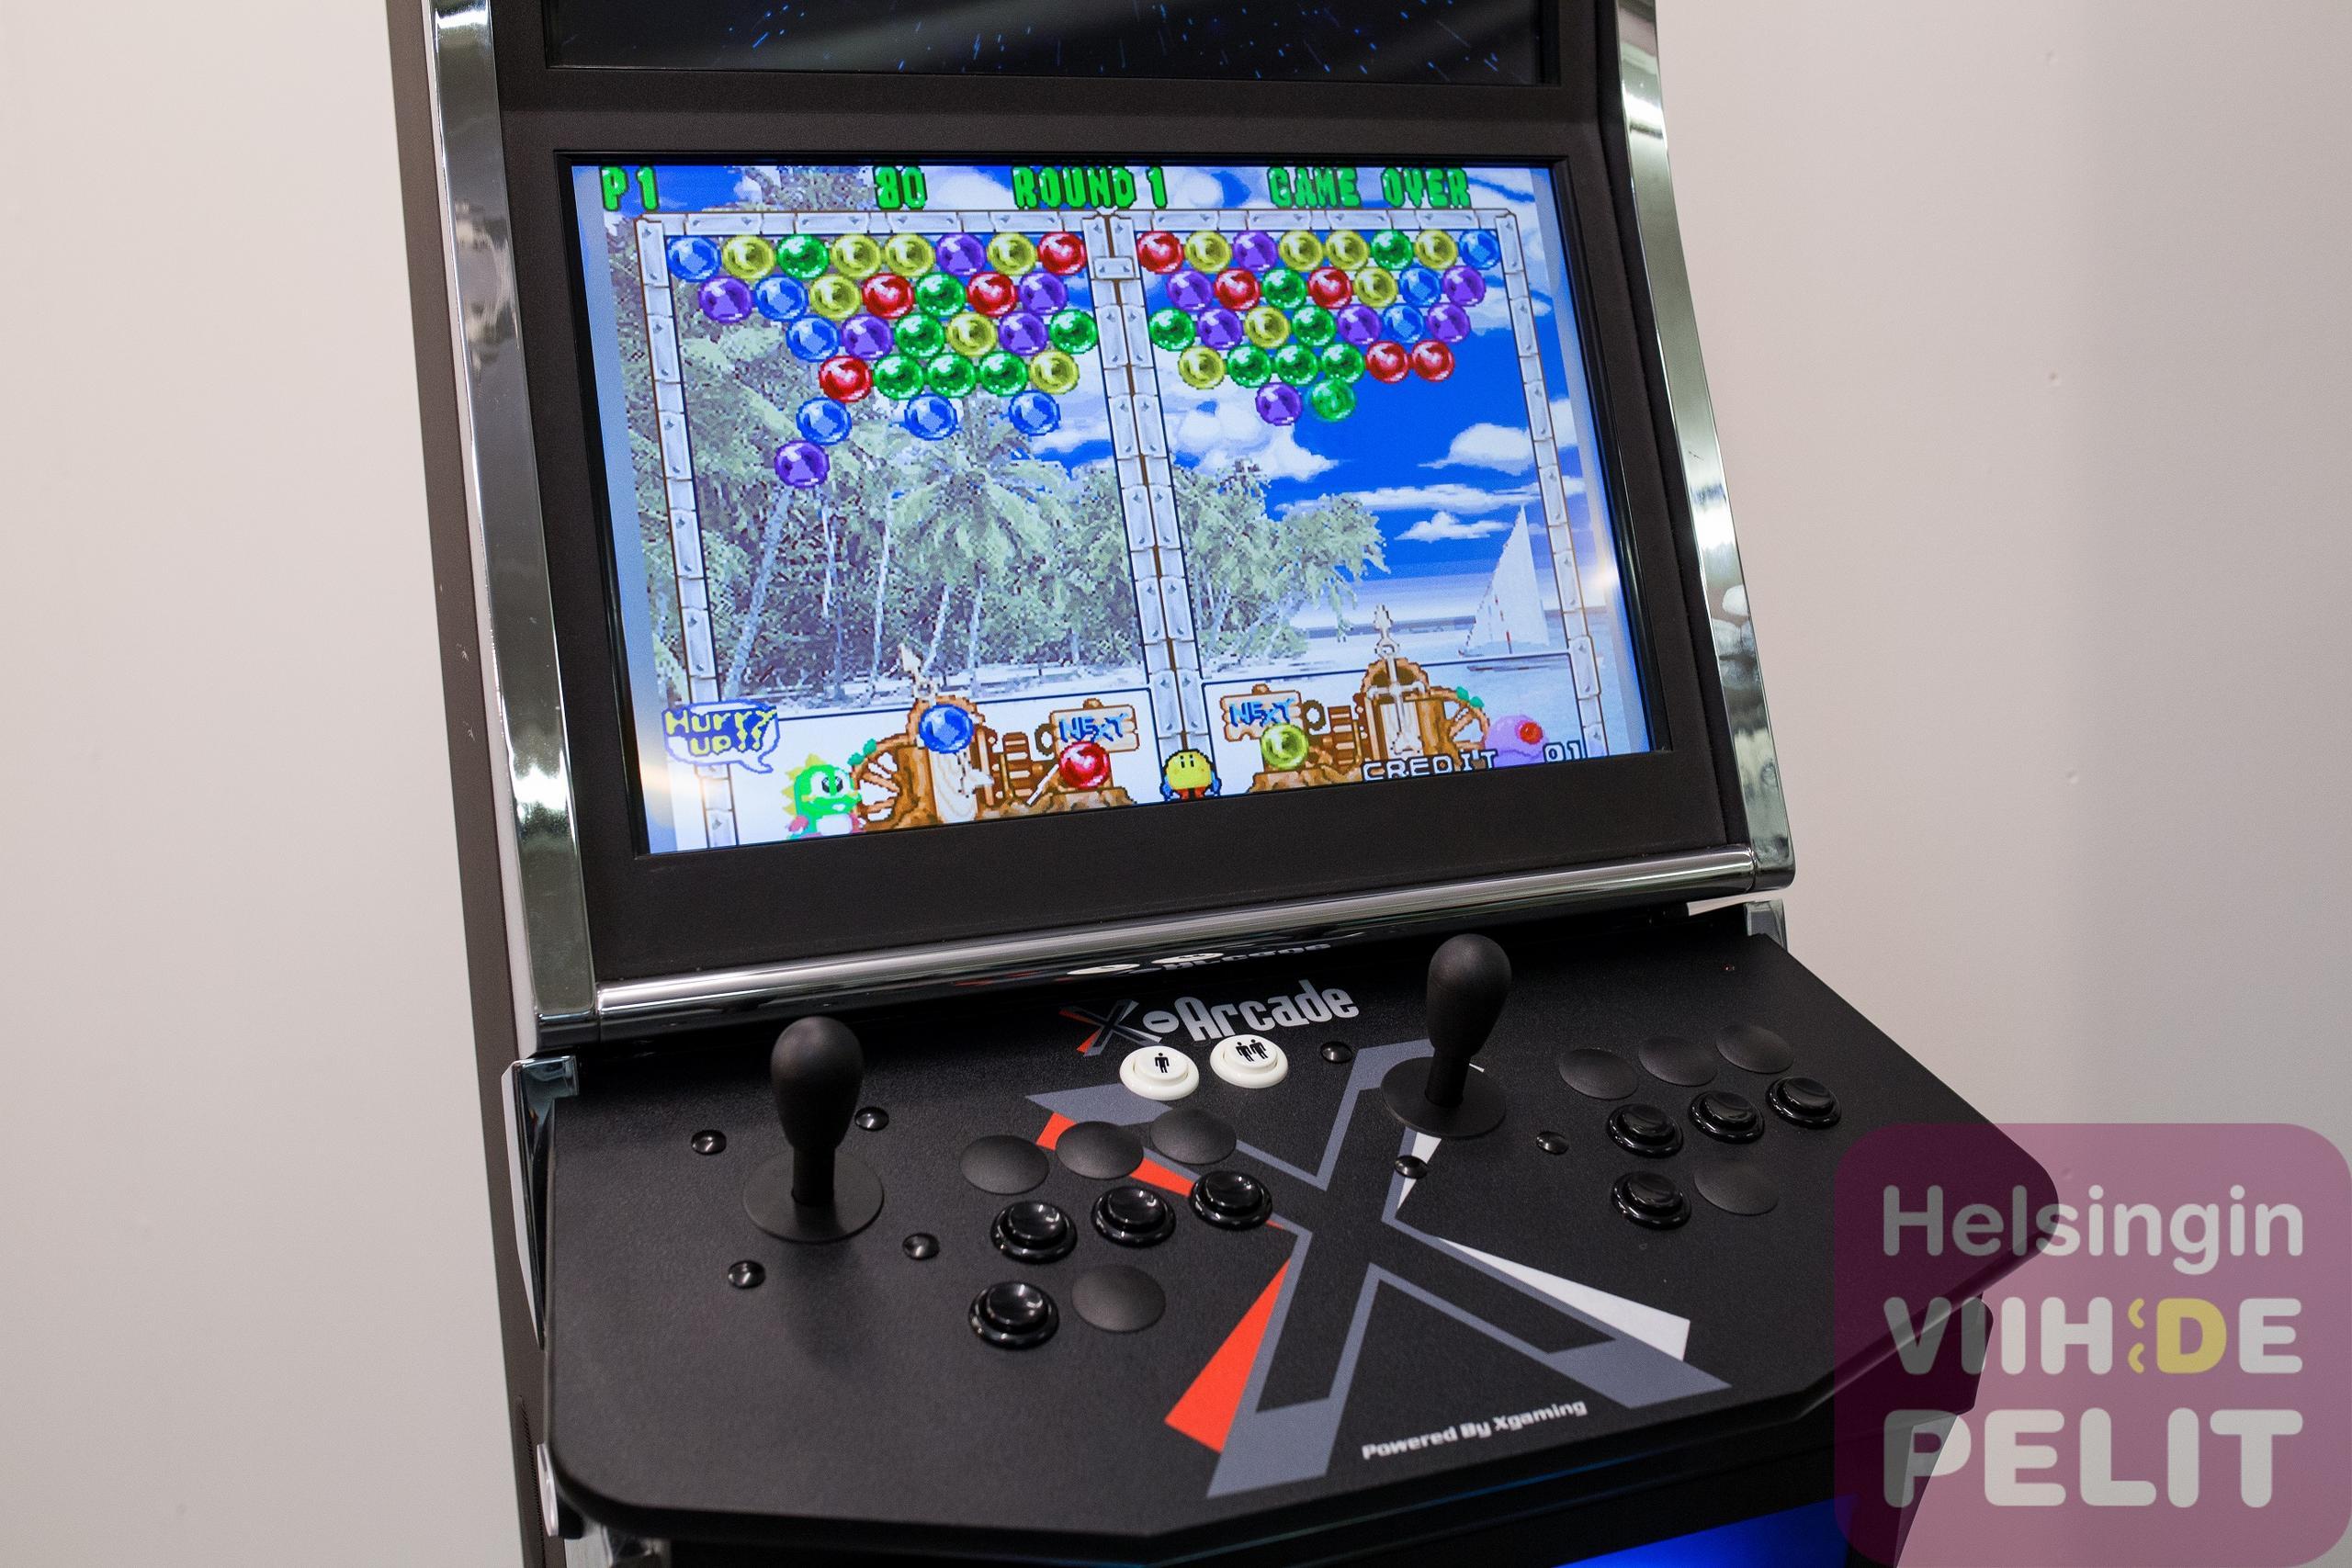 Helsinki Arcade